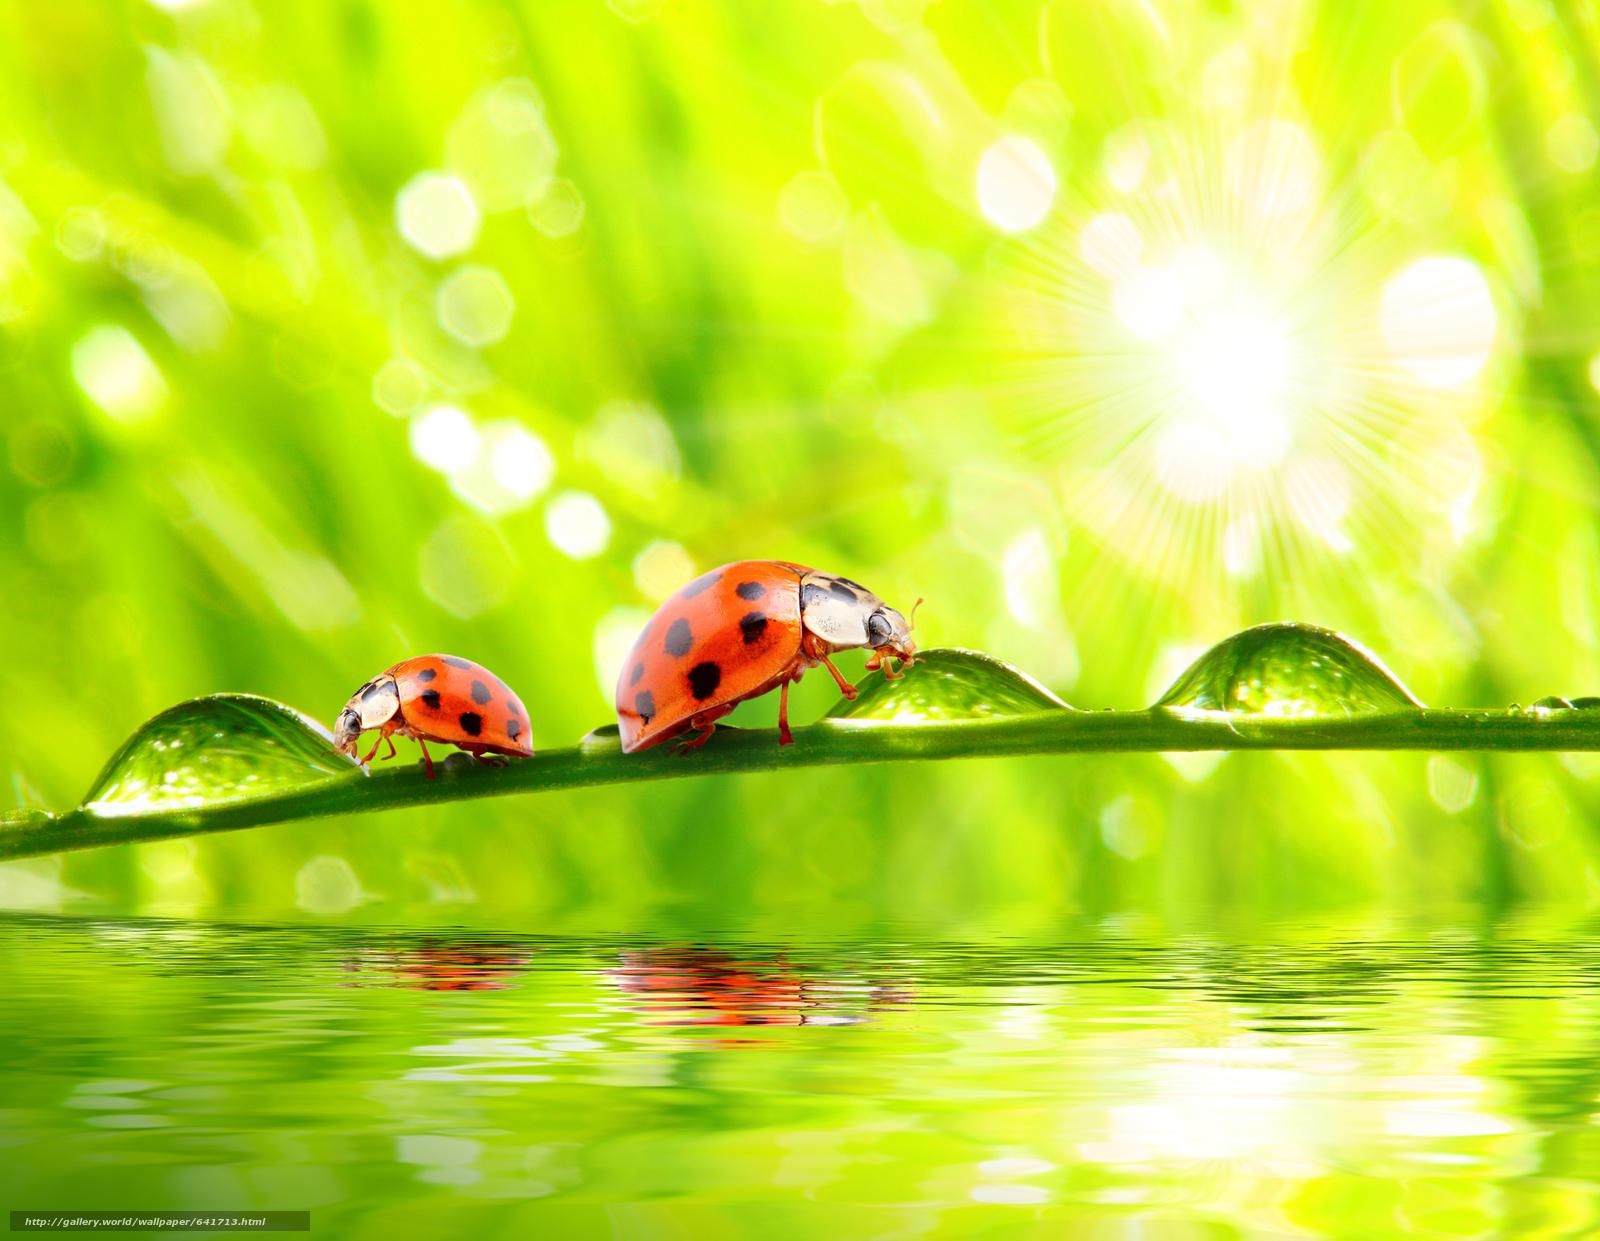 Скачать обои божьи коровки в раю,  свет,  солнце,  свежий воздух бесплатно для рабочего стола в разрешении 5224x4052 — картинка №641713